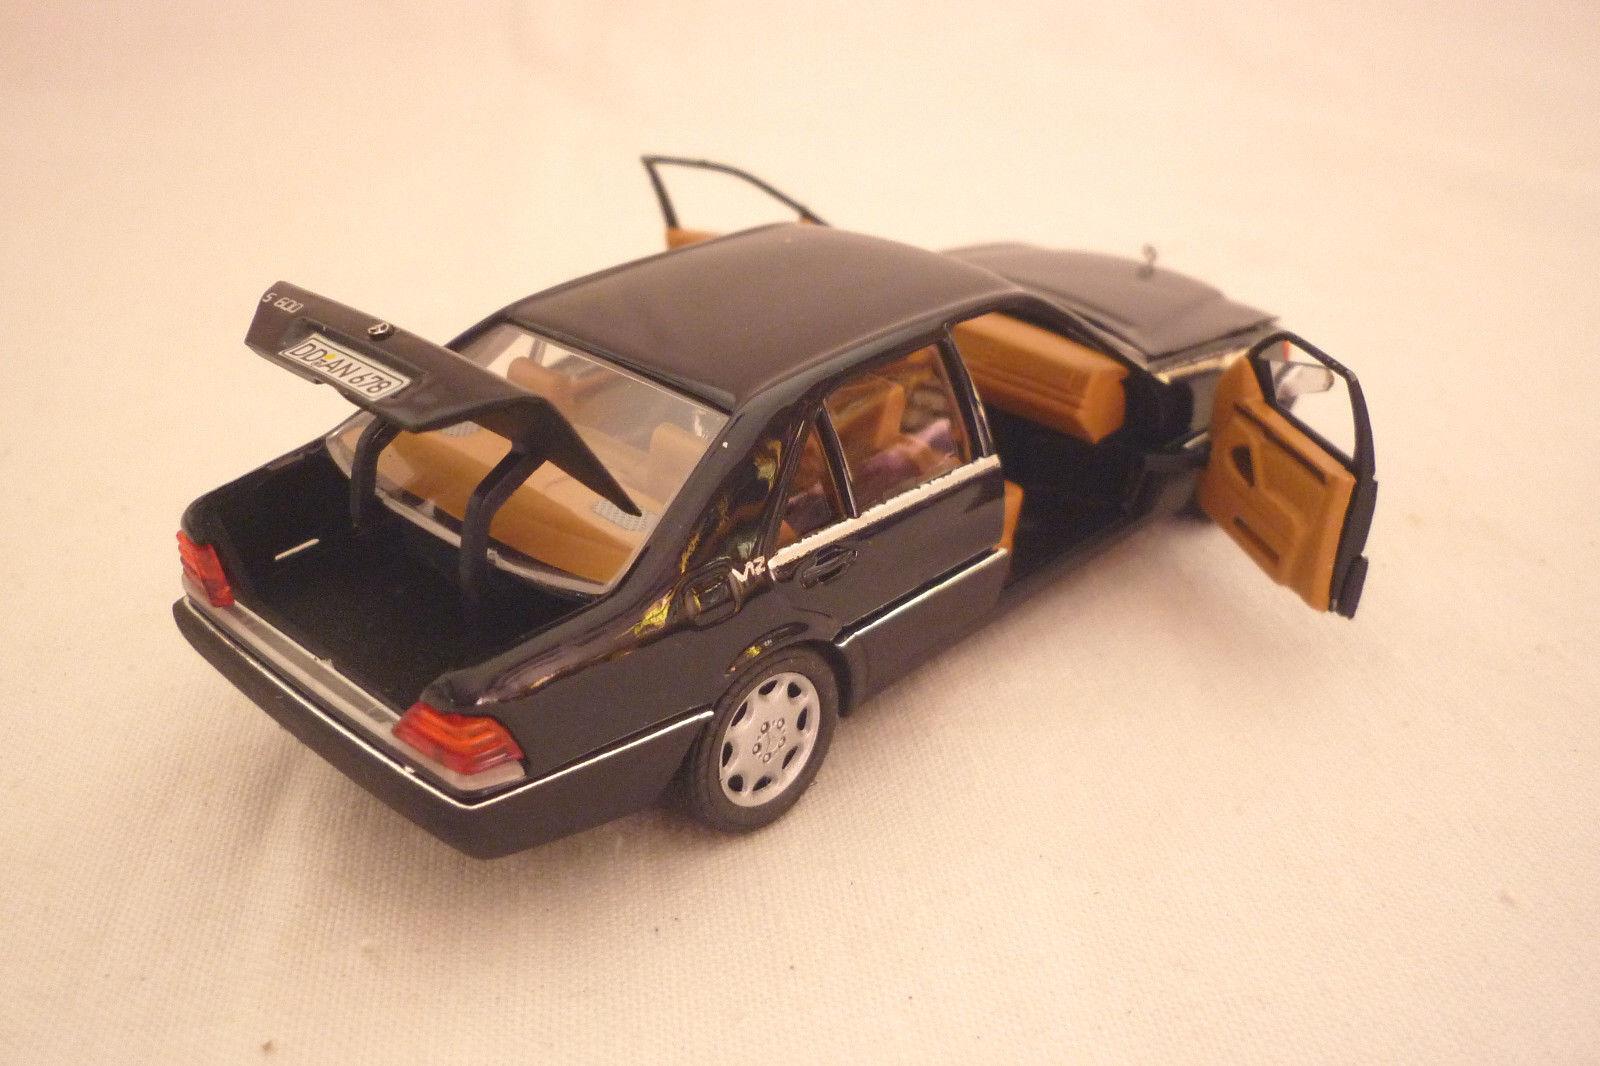 SCHABAK - MODELL MODELL MODELL - MERCEDES S 600 - DUNKELBLAU  -  1 43  (3.DIV-12)  | Offizielle  d1aaf8